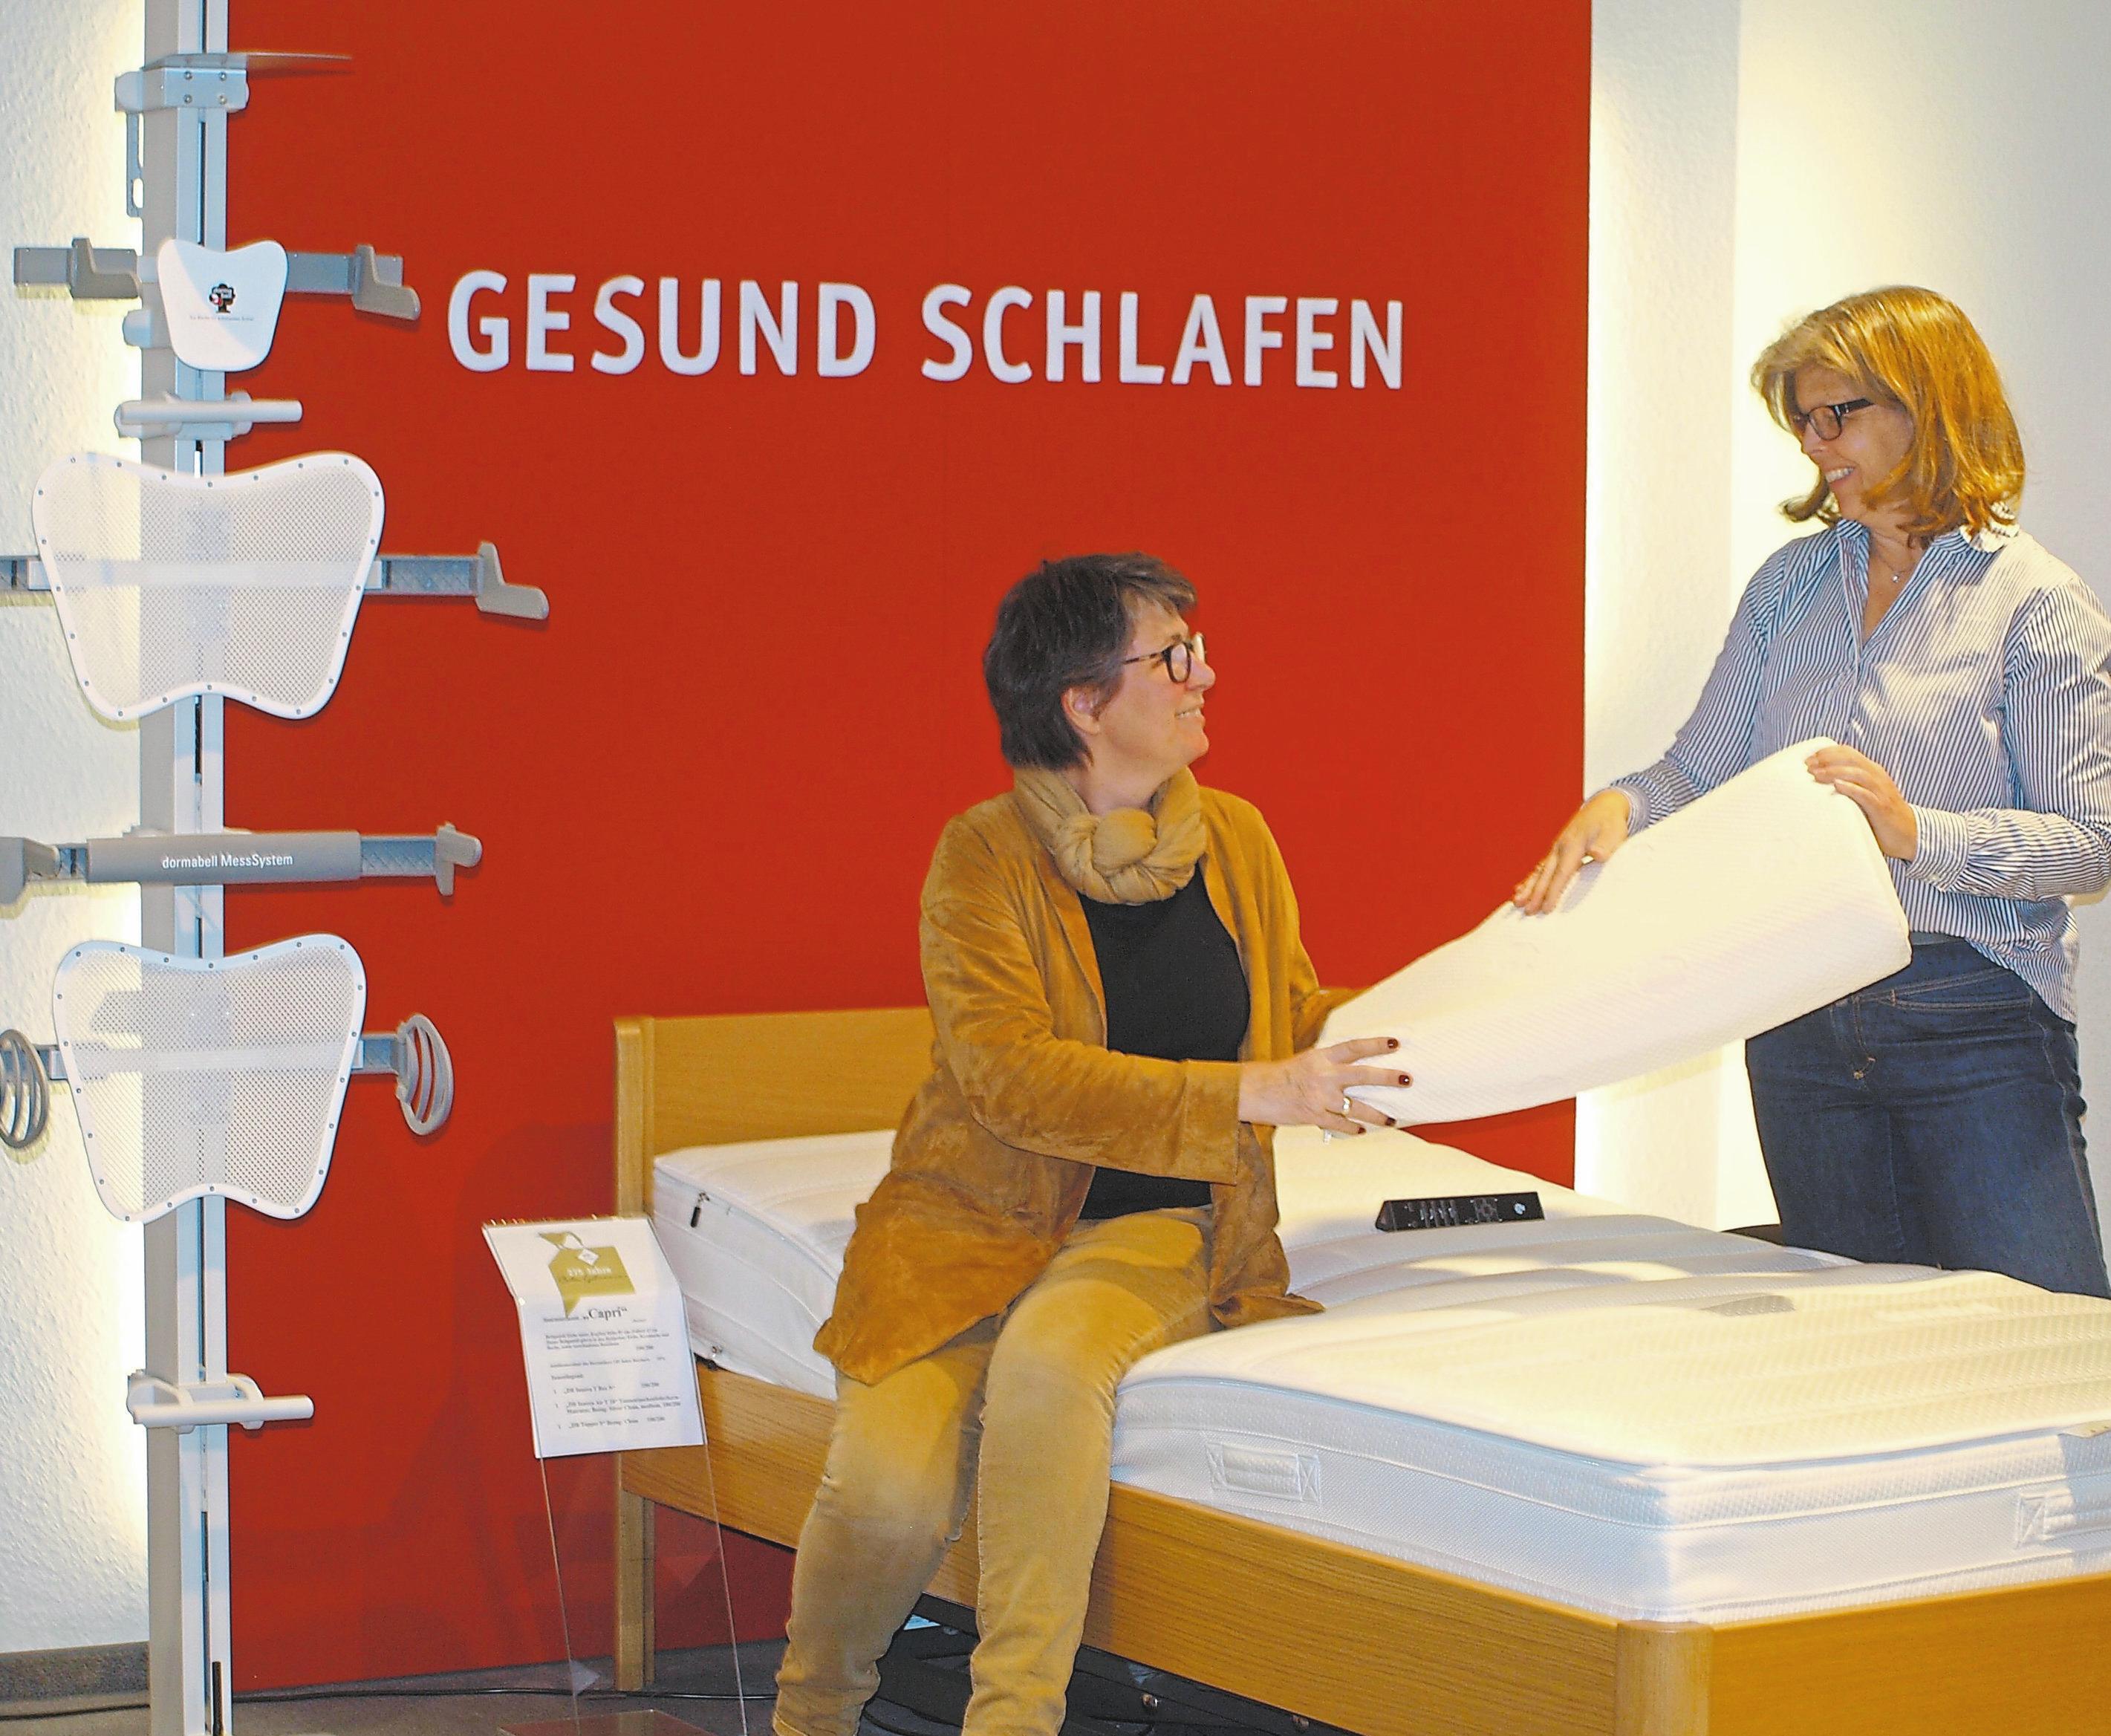 """Das Thema """"Gesund schlafen"""" ist ein Schwerpunkt im Angebotsportfolio von Betten Gahrmann"""